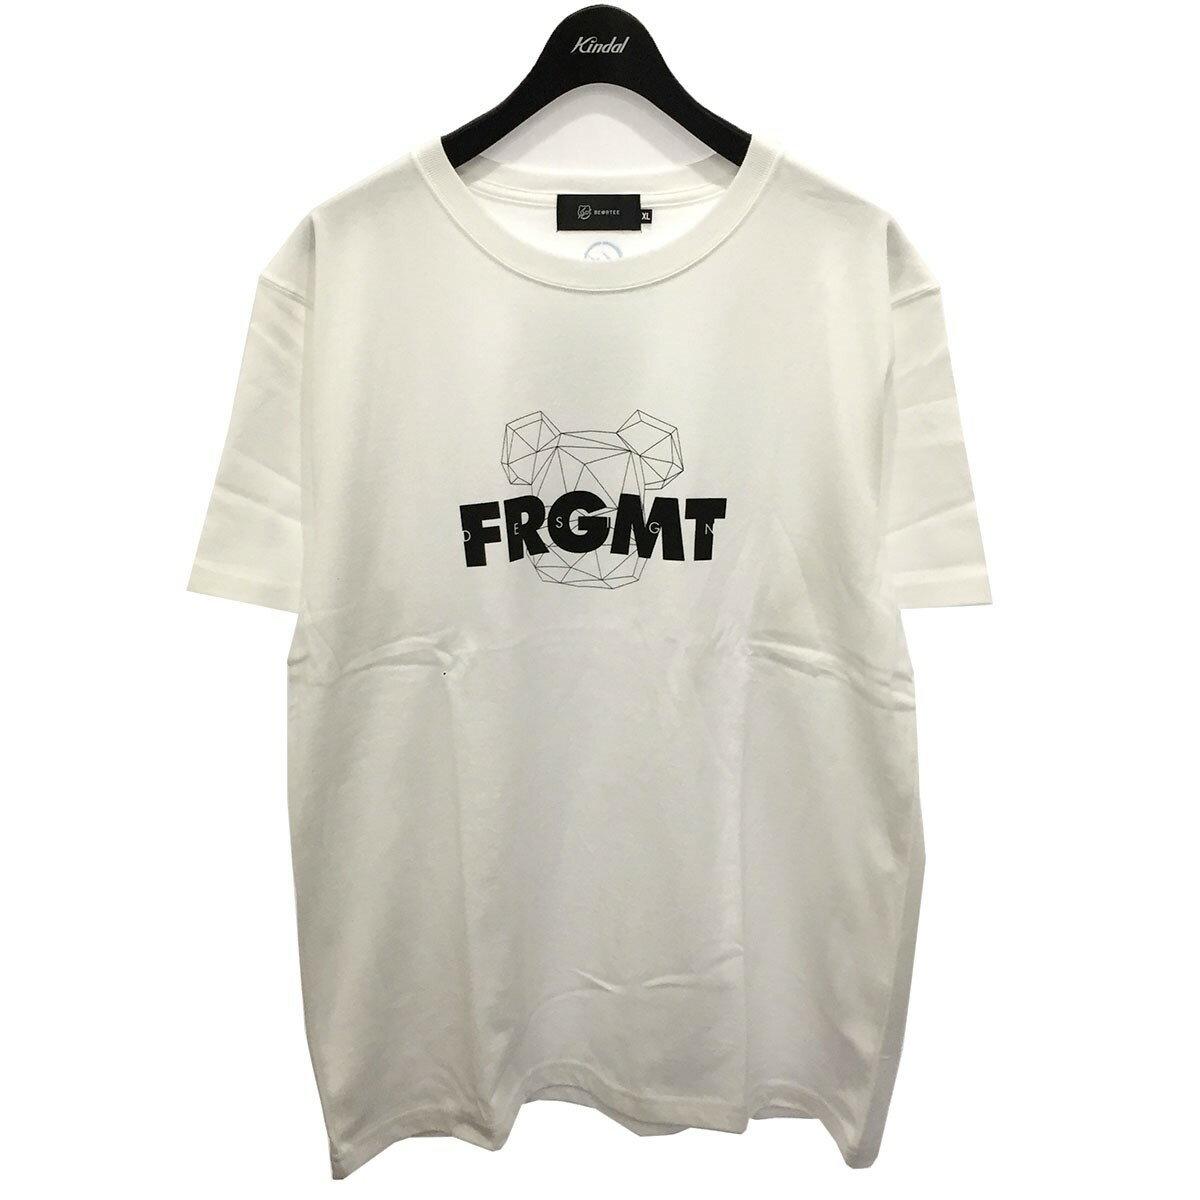 トップス, Tシャツ・カットソー FRAGMENT DESIGN BEARBRICK MEDICOM TOY EXHIBITION 2020 IN VIRTUAL FRGMTT XL 280821